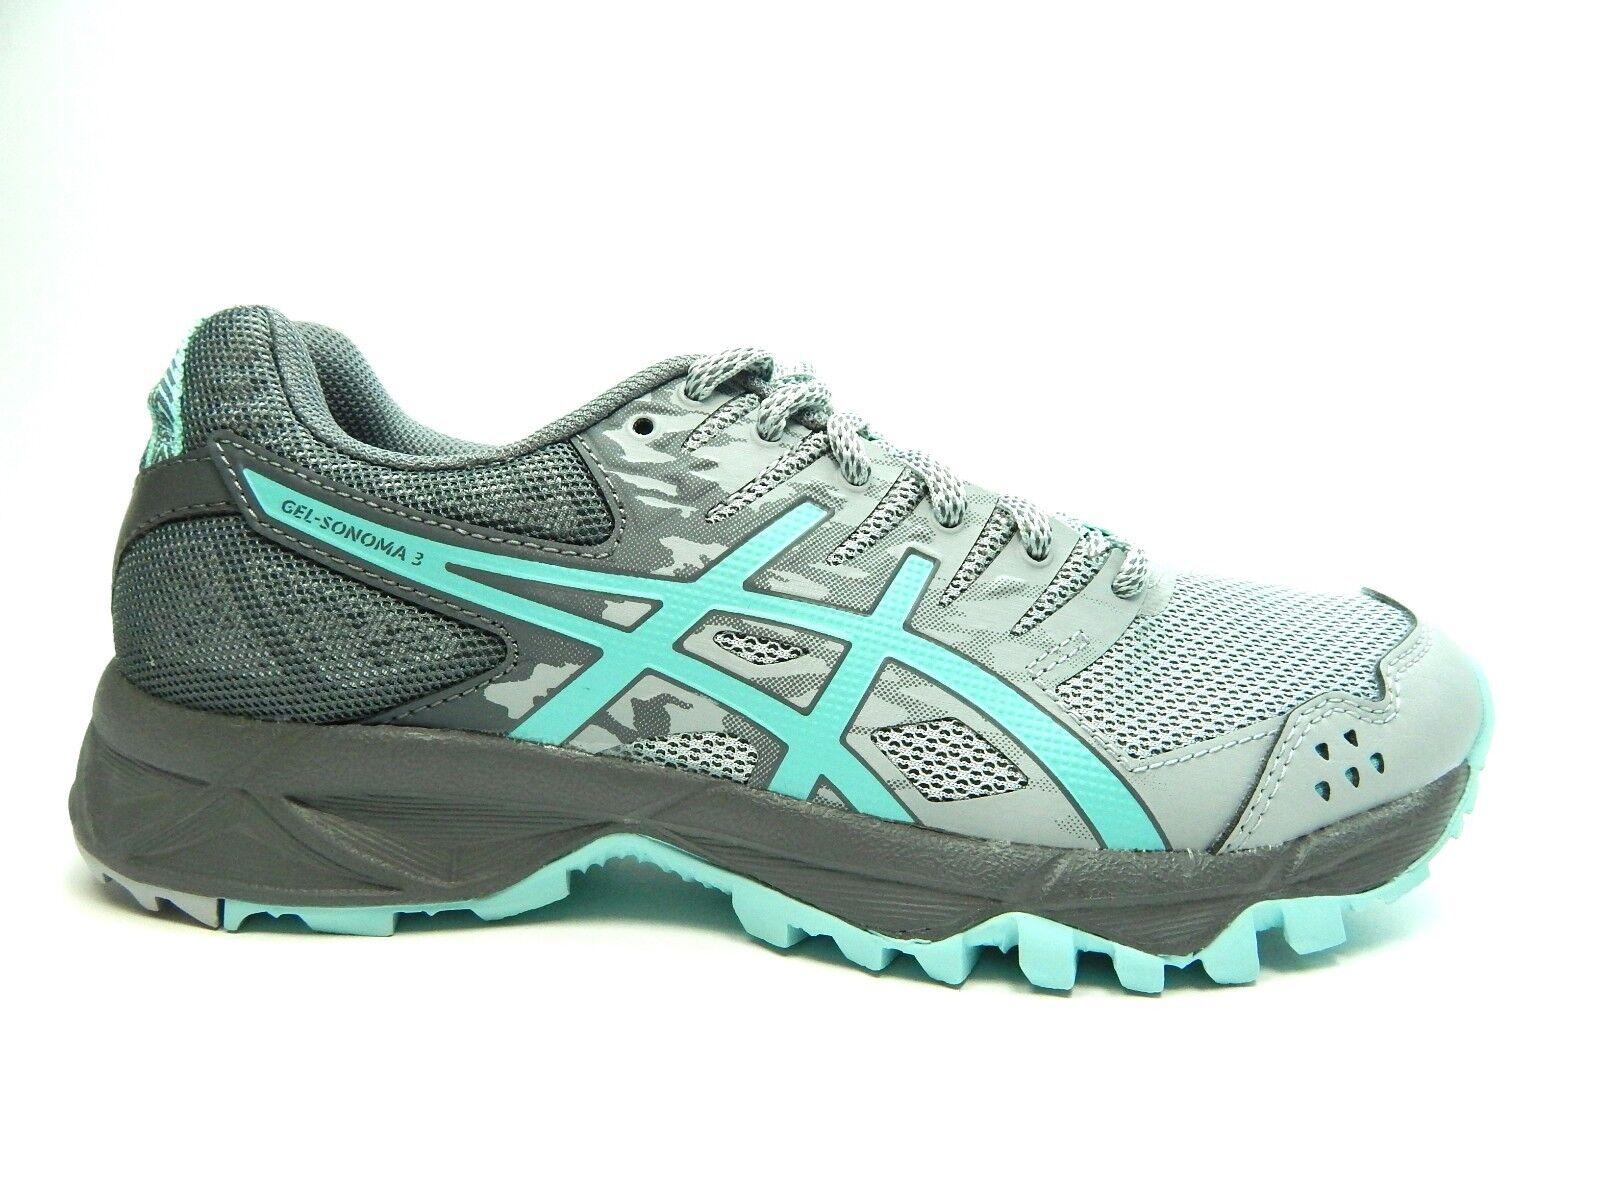 precios bajos Asics Asics Asics Gel Sonoma 3 T774N 9667 midgris Aqua correr mujeres zapatos  100% a estrenar con calidad original.